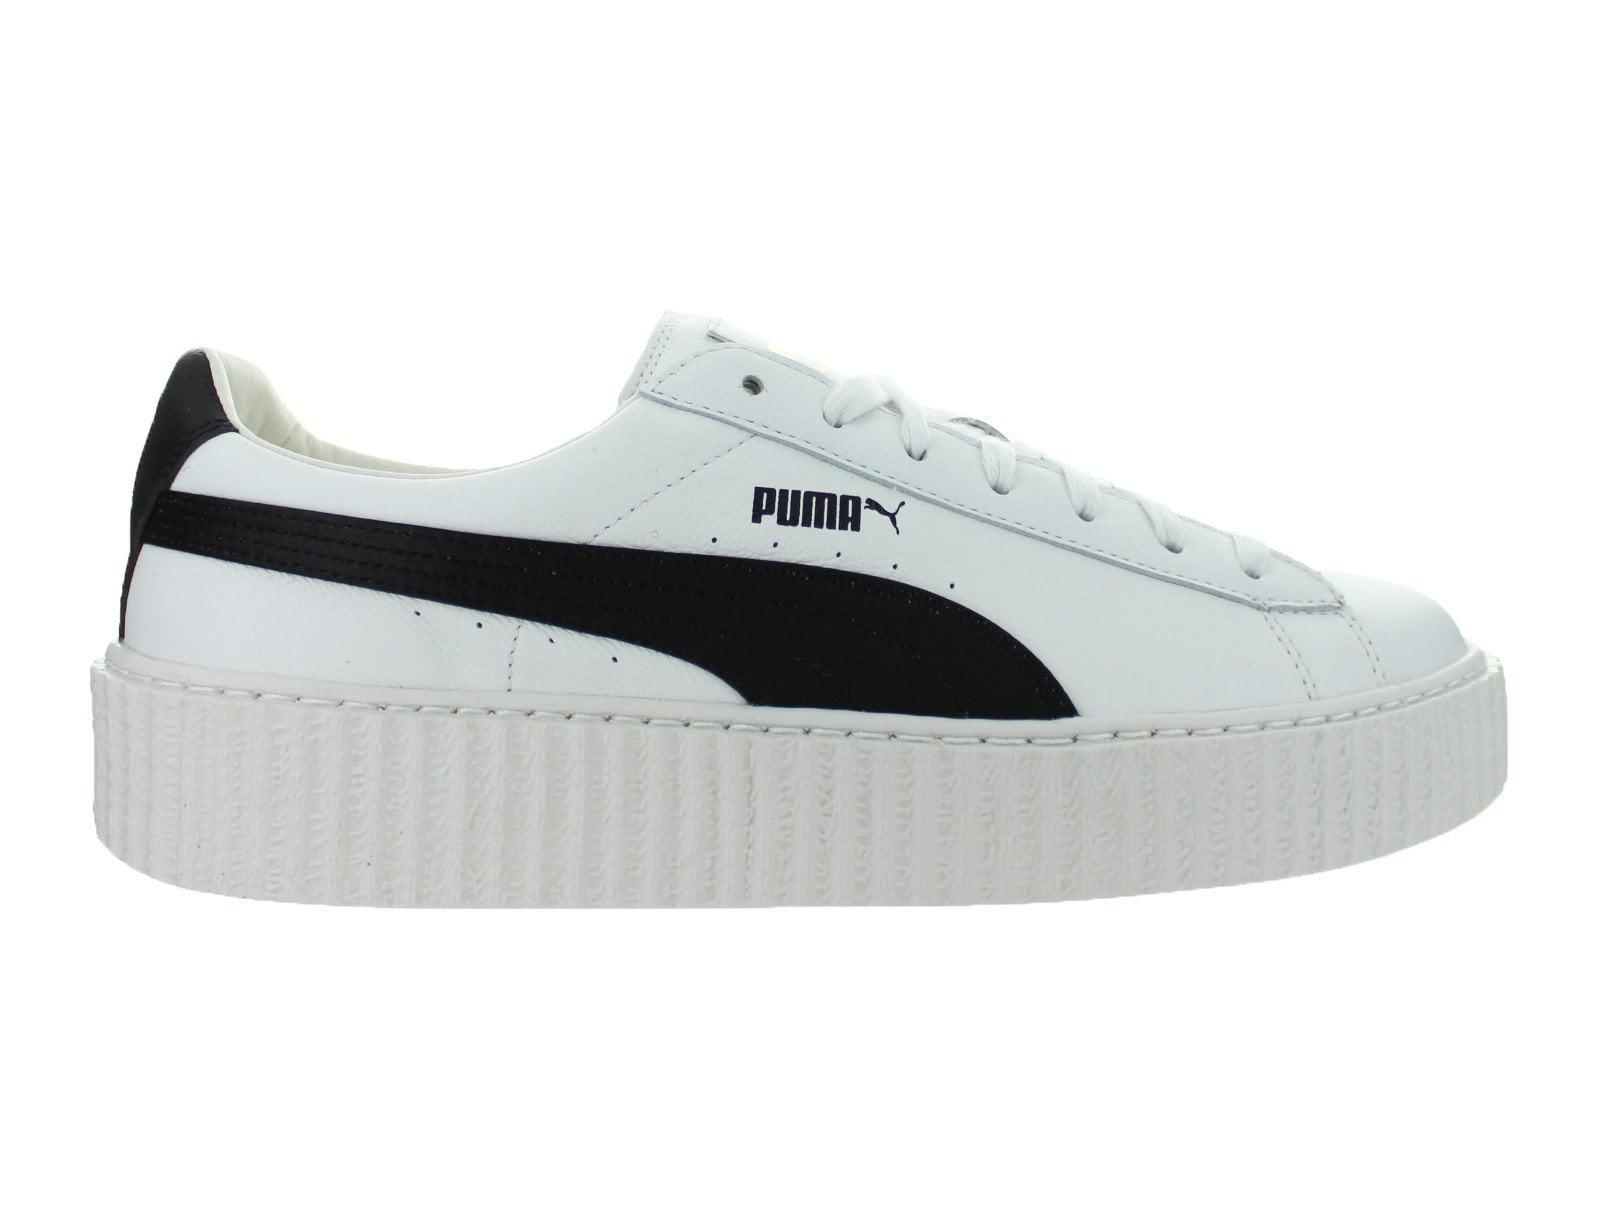 Mens Puma x Fenty By Rihanna Creeper Leather Puma White Puma Black 364 by Puma